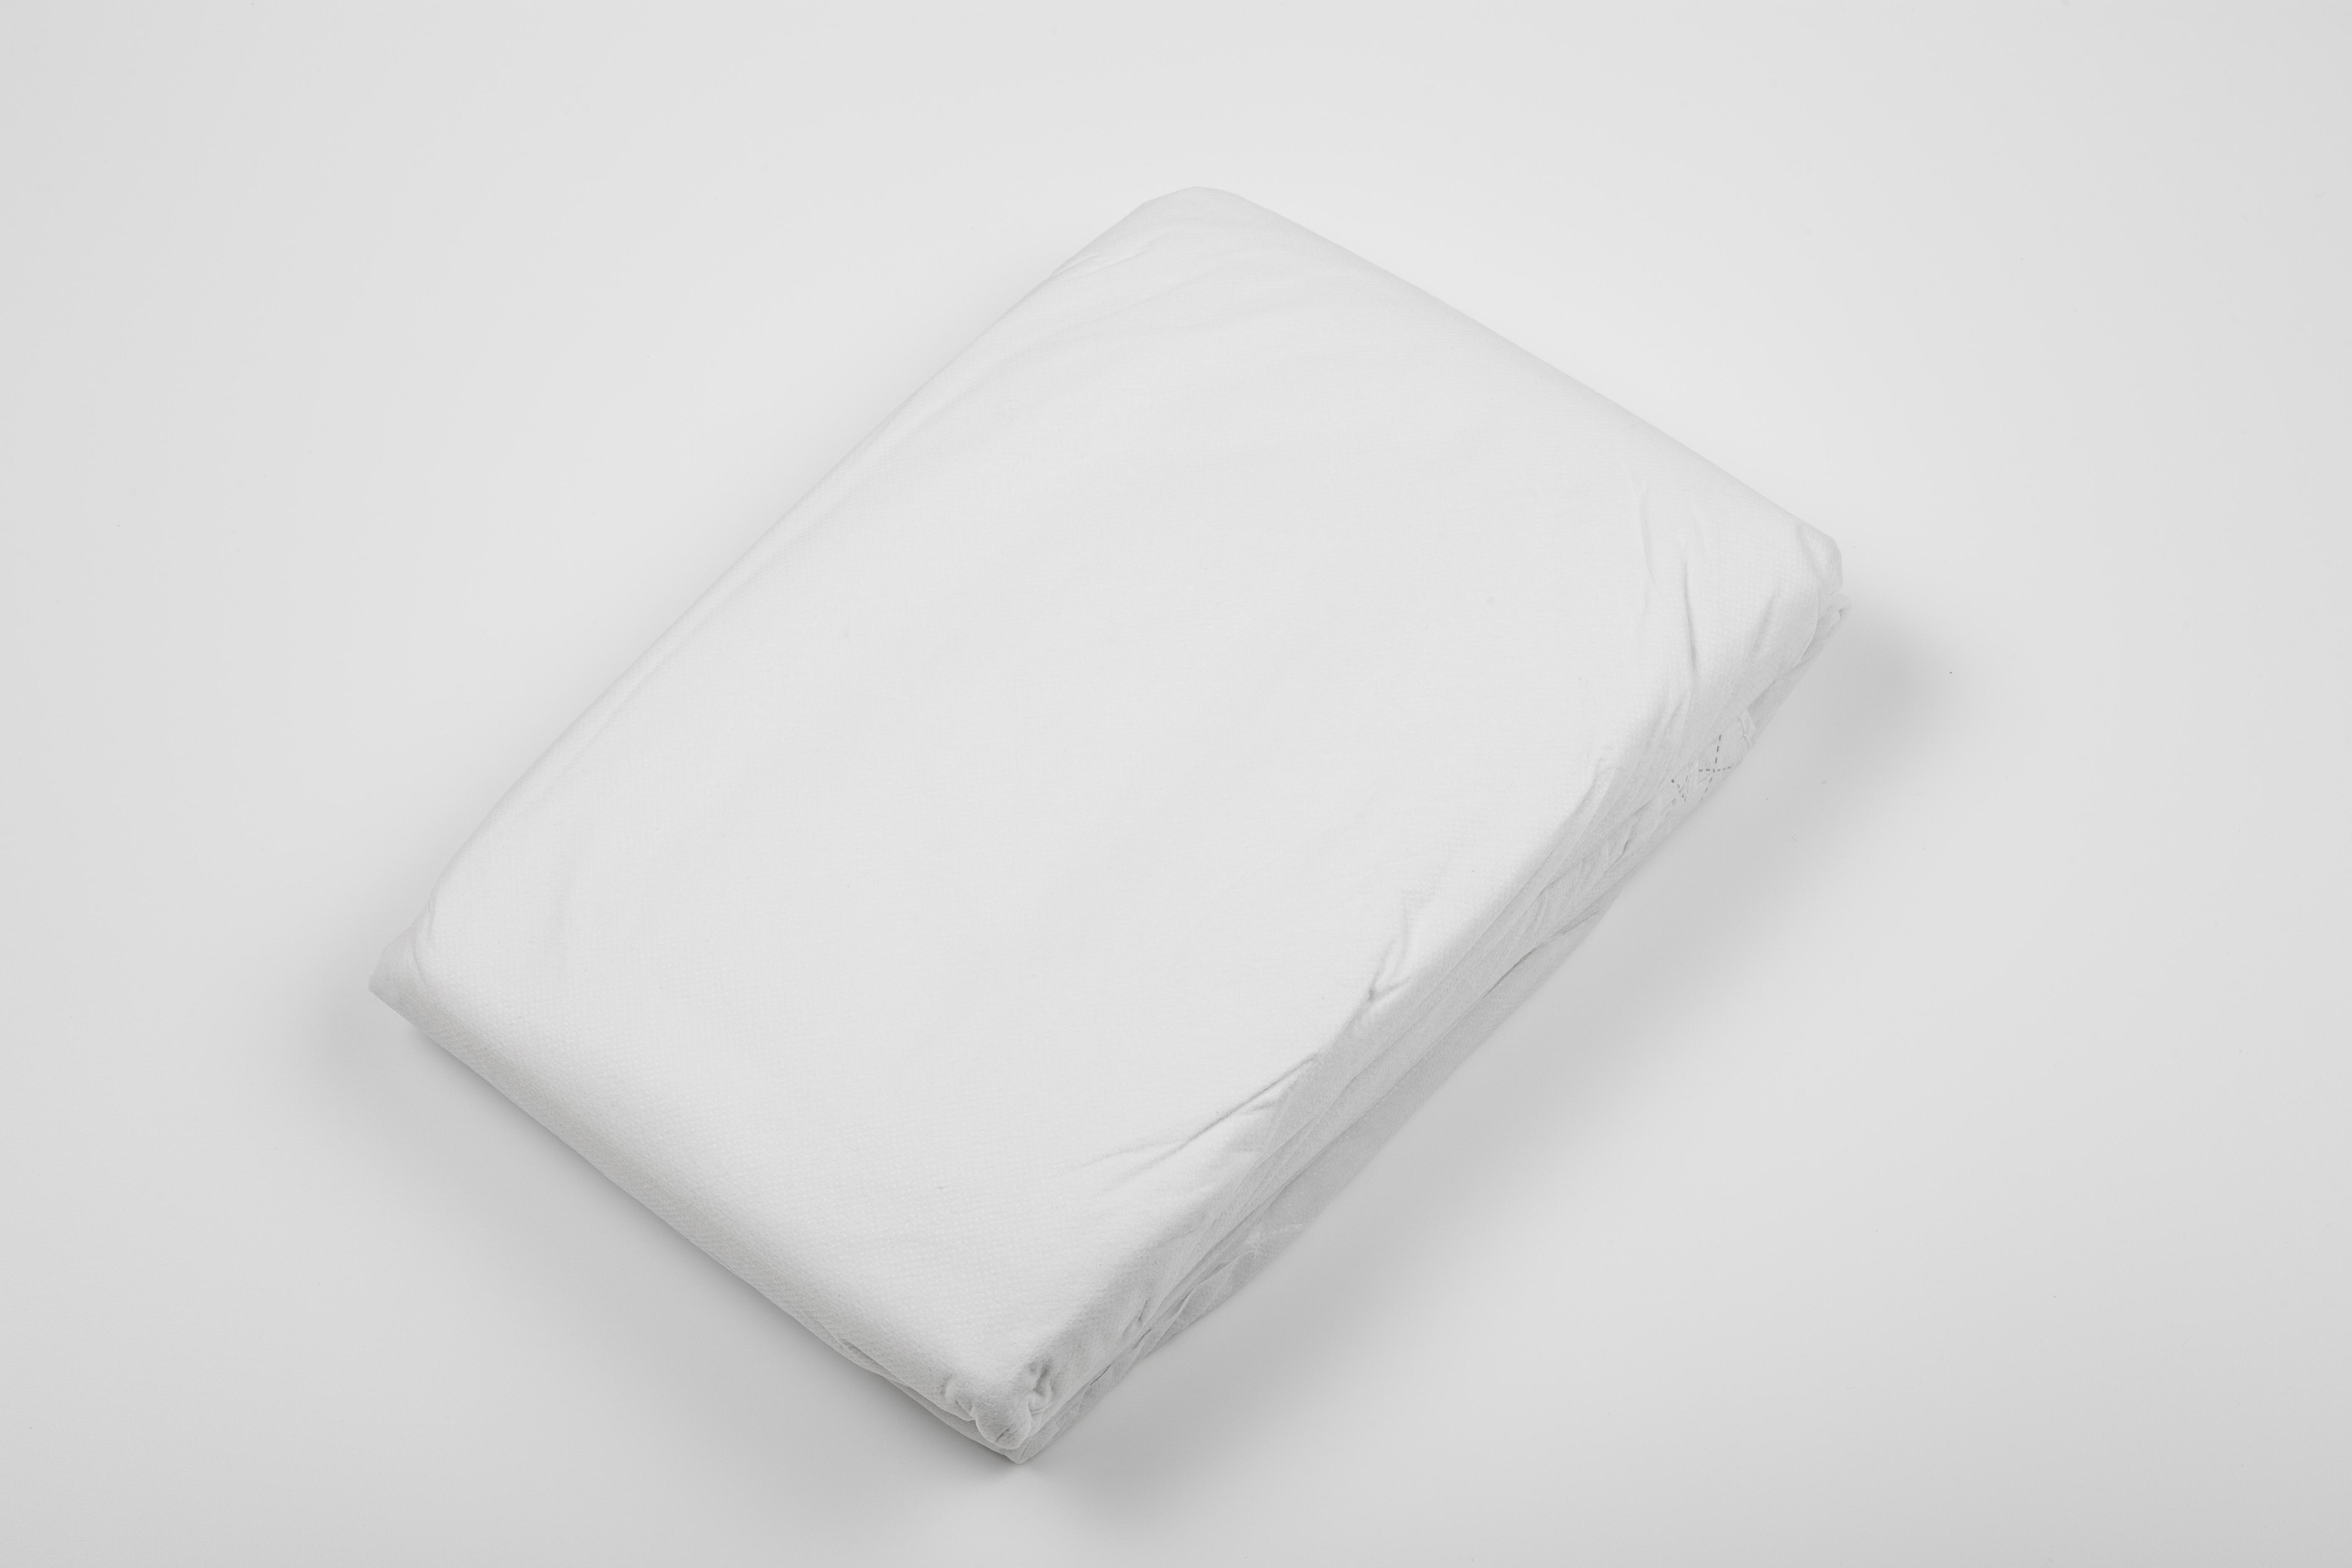 Einmaldecken, weiß, 340g